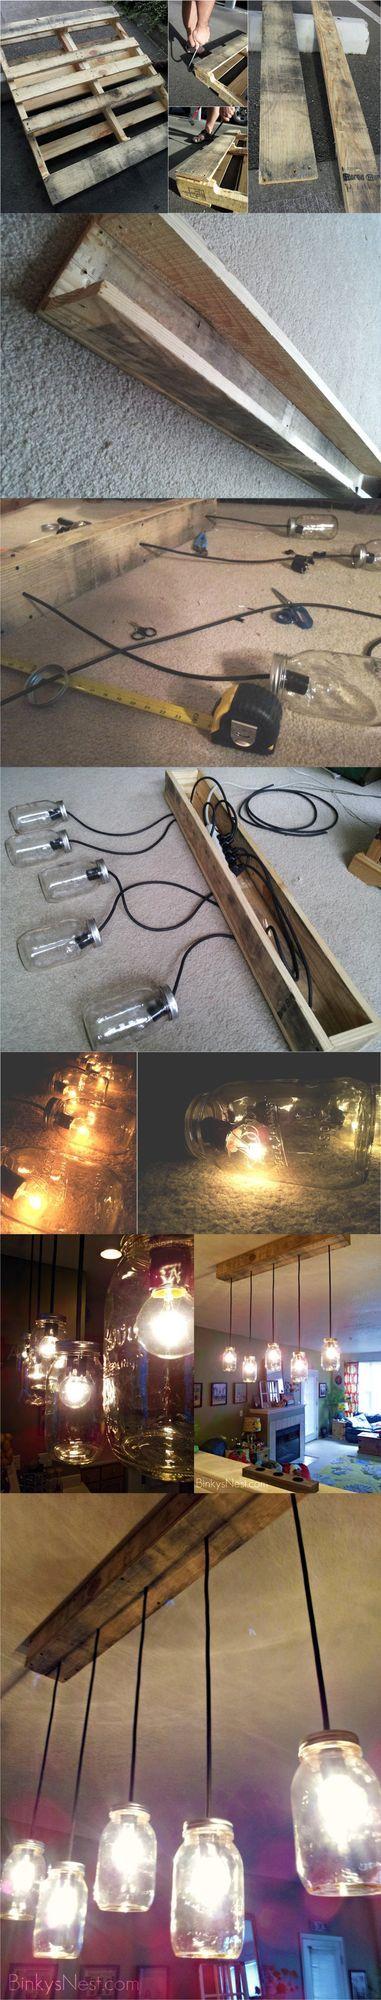 Lámpara con tarros y base de palé – DIY Mason Jar & Rustic Pallet Light Fixture Interesante proyecto que hemos visto en twenty8divine para crear una lámpara. Después de desmontar un palé utilizan algu